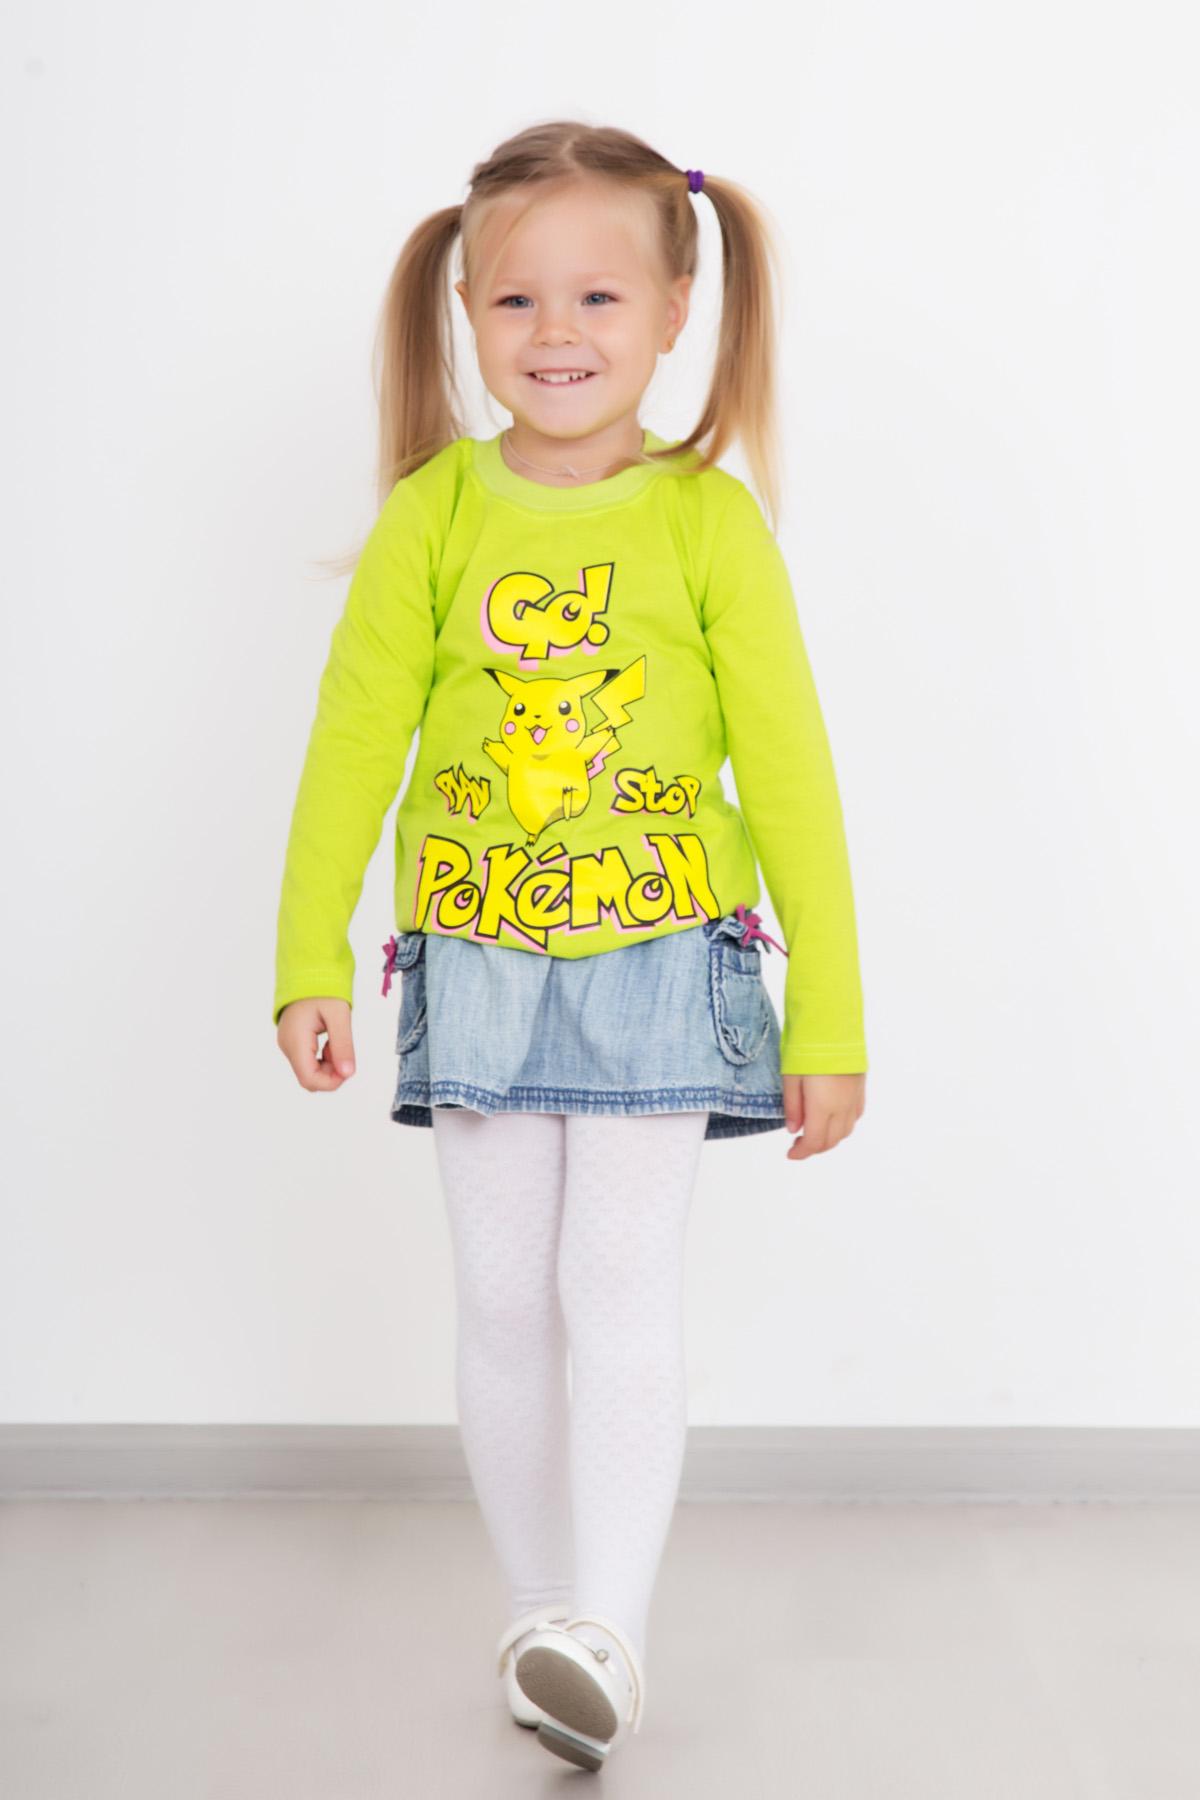 Дет. футболка Покемон Зеленый р. 30Толстовки, джемпера и рубашки<br><br><br>Тип: Дет. футболка<br>Размер: 30<br>Материал: Кулирка